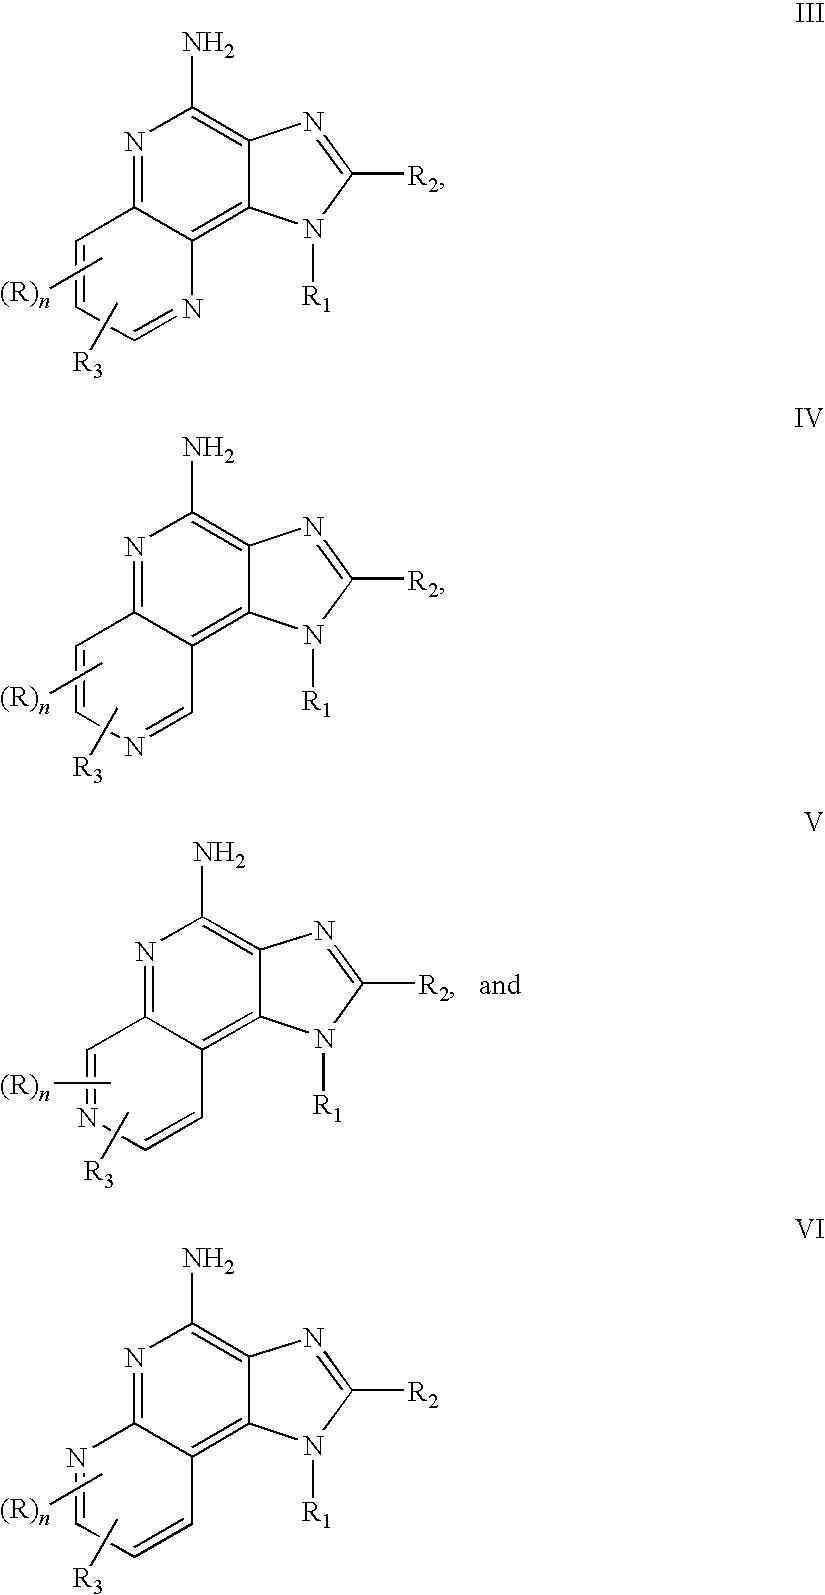 Figure US20090099161A1-20090416-C00016